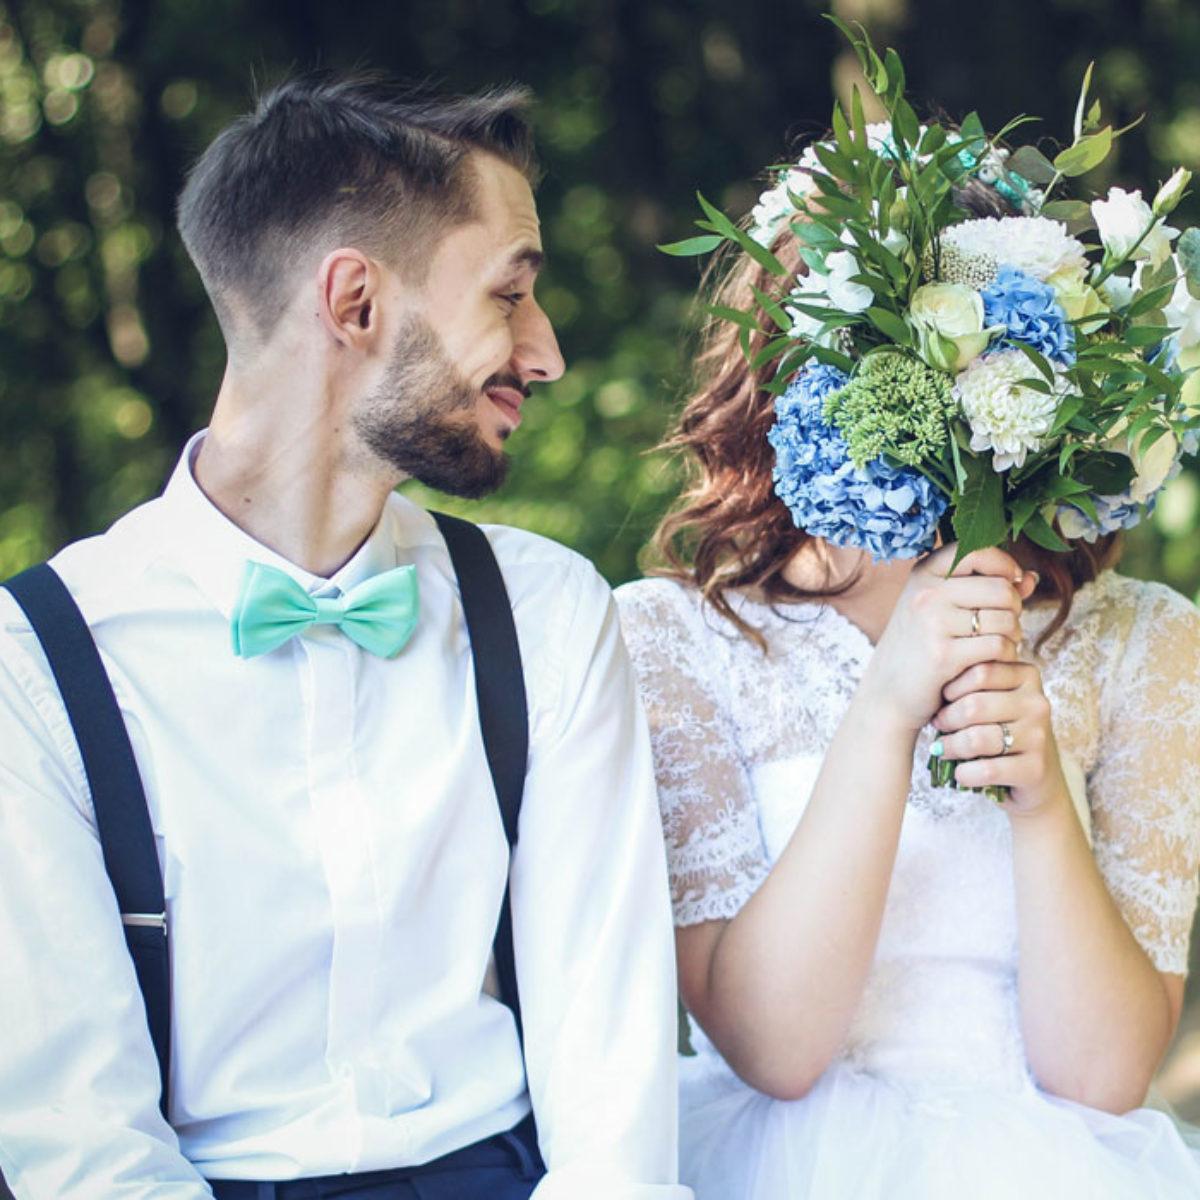 Frasi Auguri Per Matrimonio Divertenti.Frasi Di Auguri Per Un Matrimonio Le 45 Piu Divertenti E Simpatiche